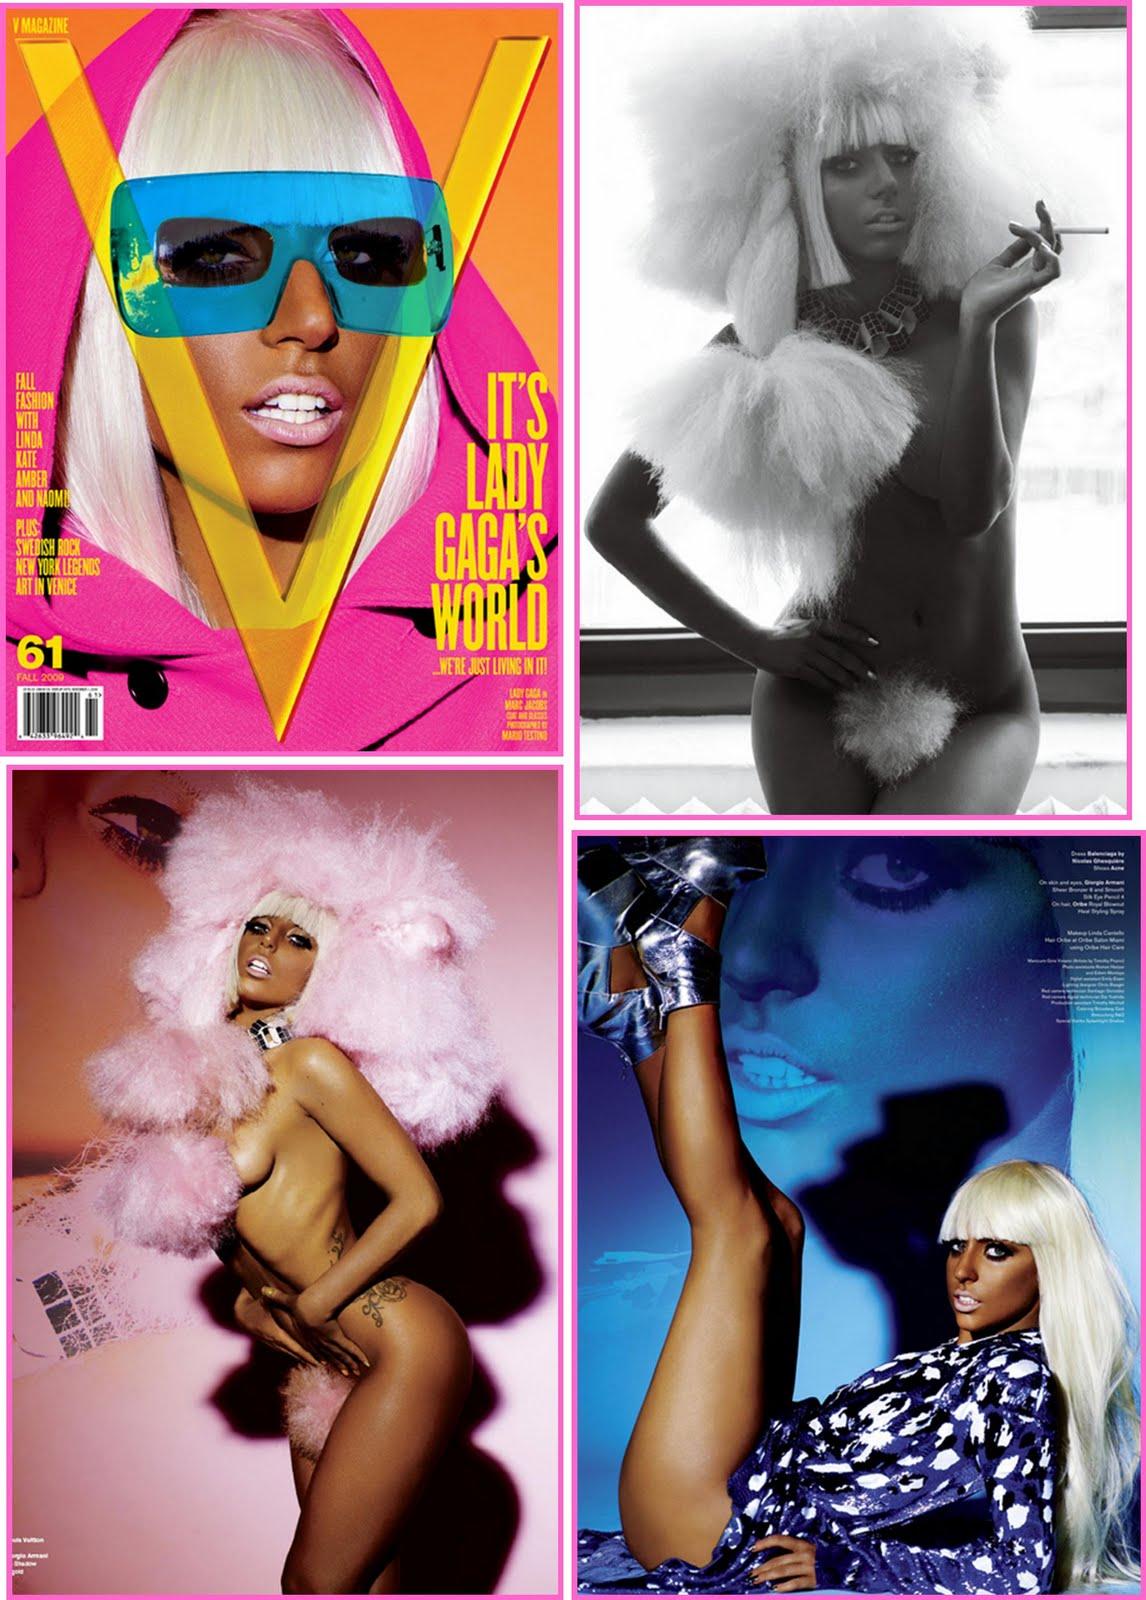 http://4.bp.blogspot.com/_-ZFgWEdD8ME/TAX00NHwsSI/AAAAAAAAB0Y/EPig510PU8s/s1600/lady-gaga-v-mag.jpg